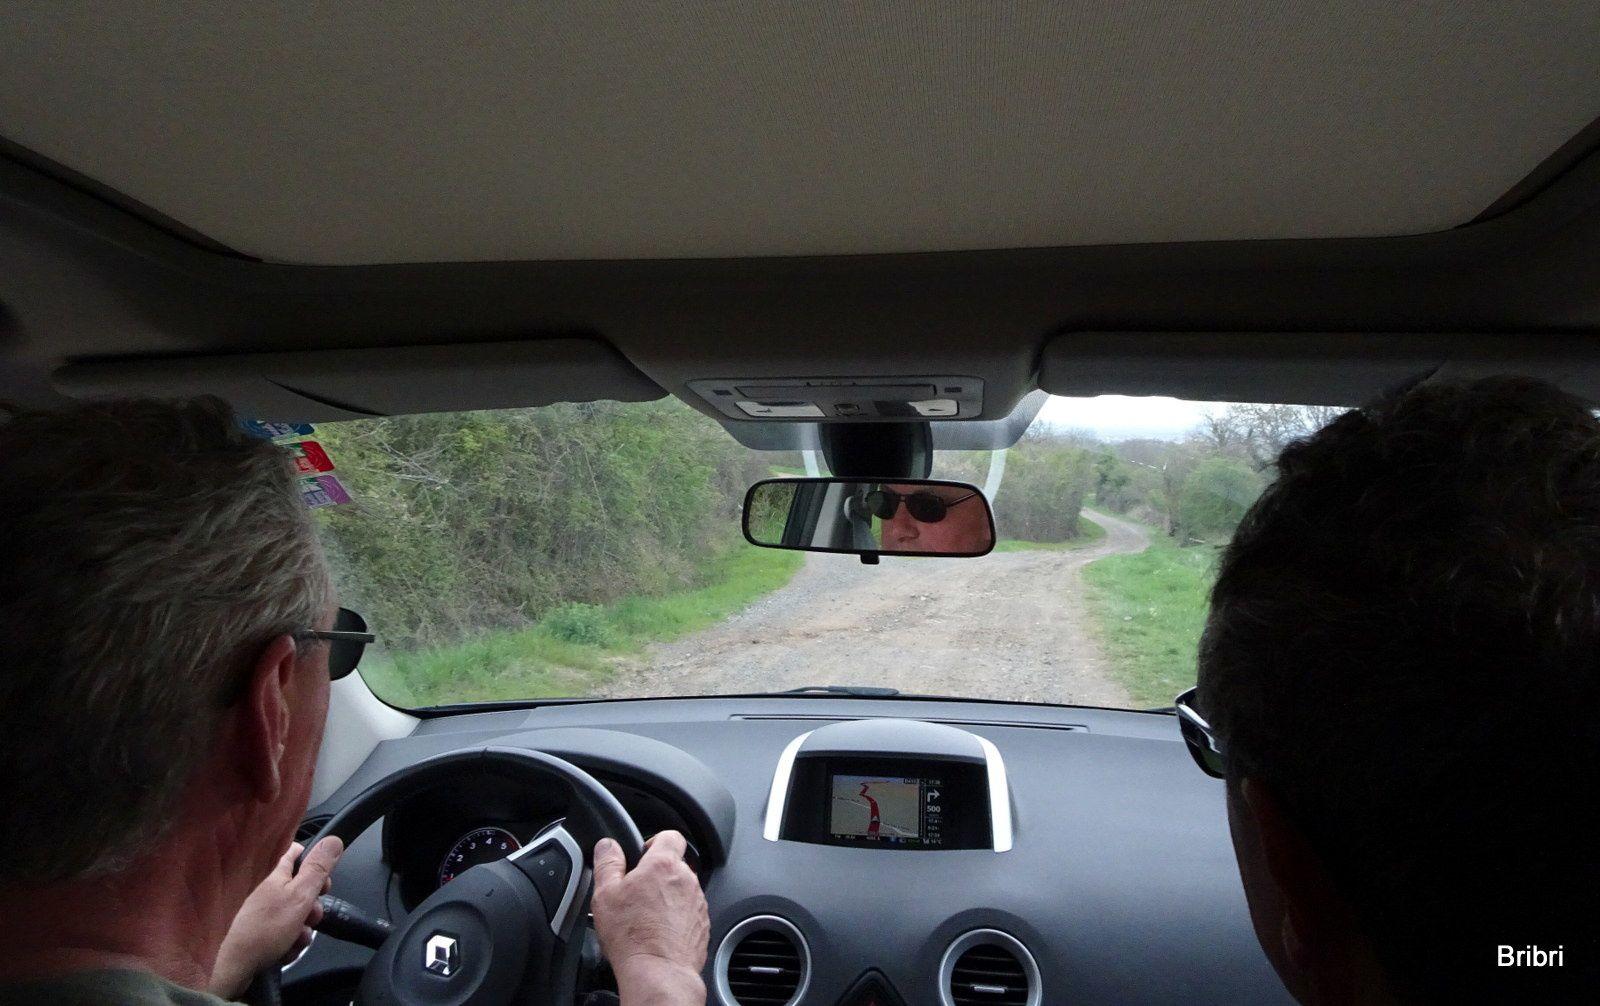 Au retour, le GPS auto de Michel nous fait prendre ce chemin au lieu de la route, nous le prenons mais nous fumes bien secoués avant de retrouver le bitume !